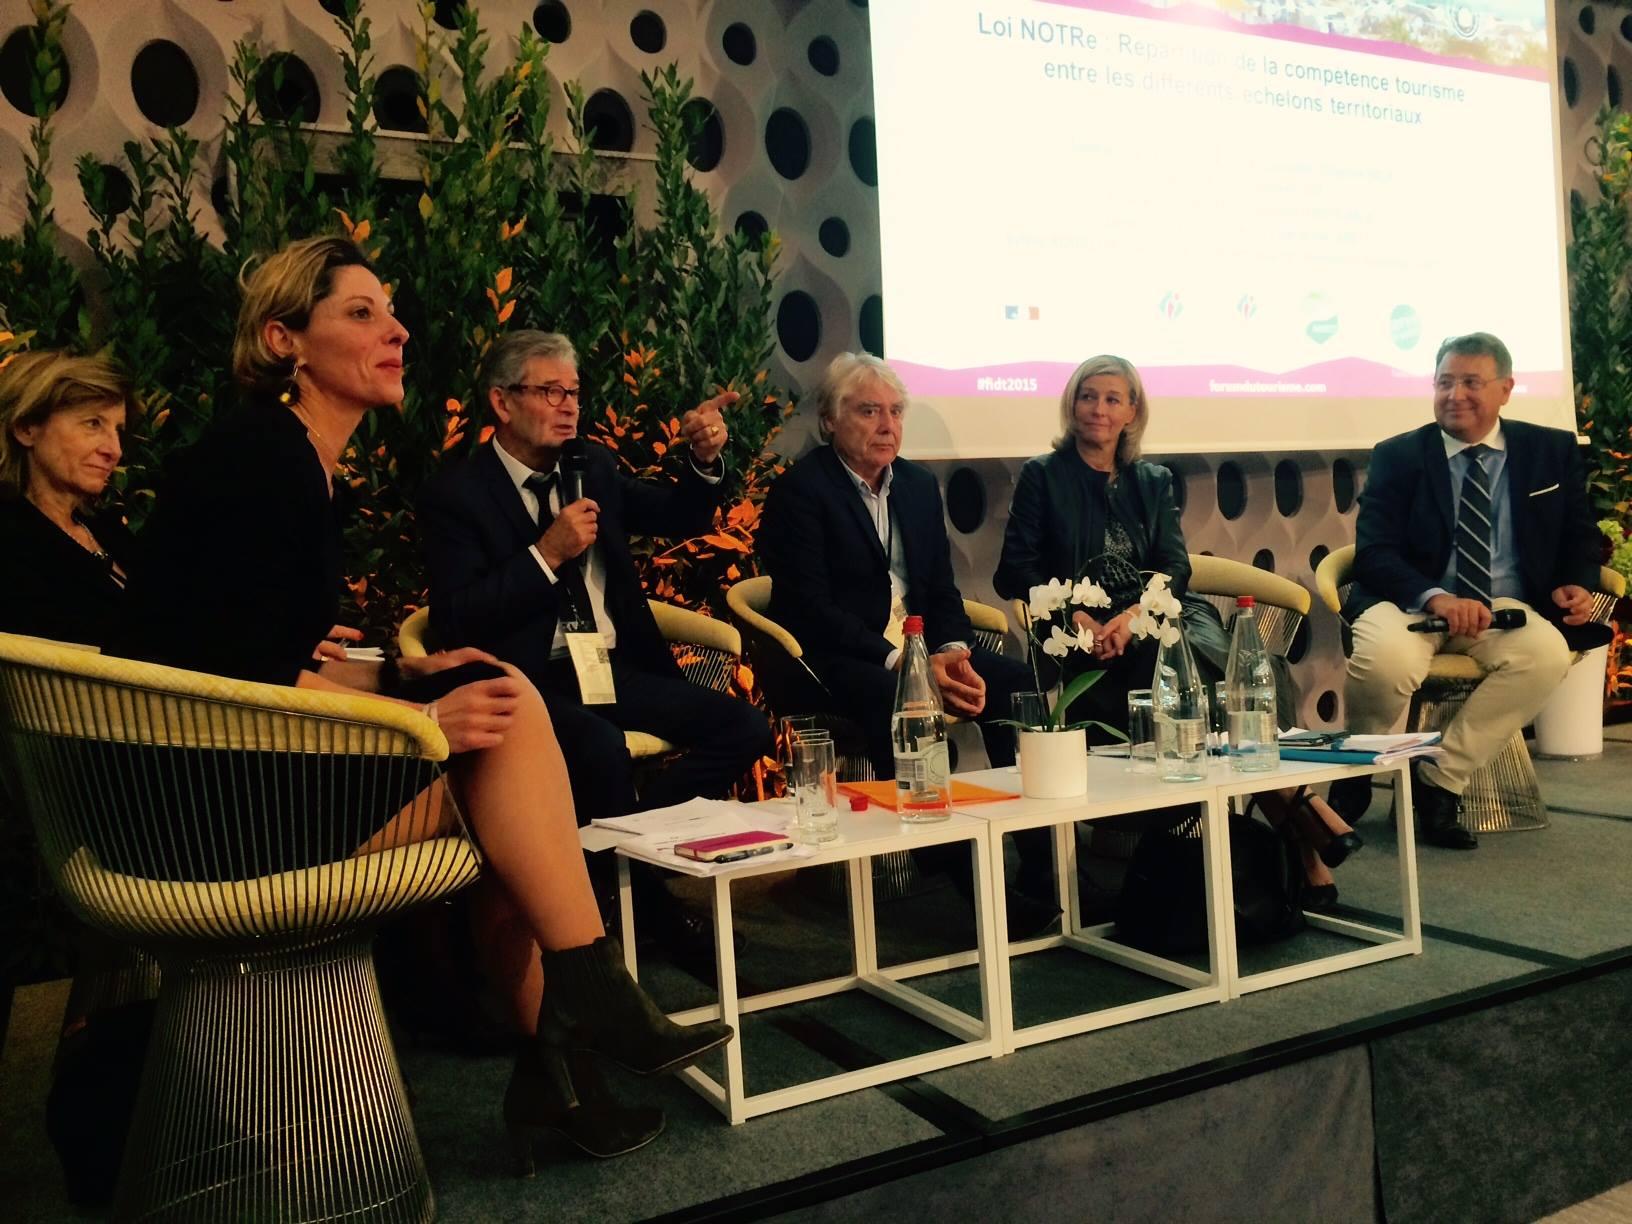 La loi NOTRe au Forum interactif du tourisme